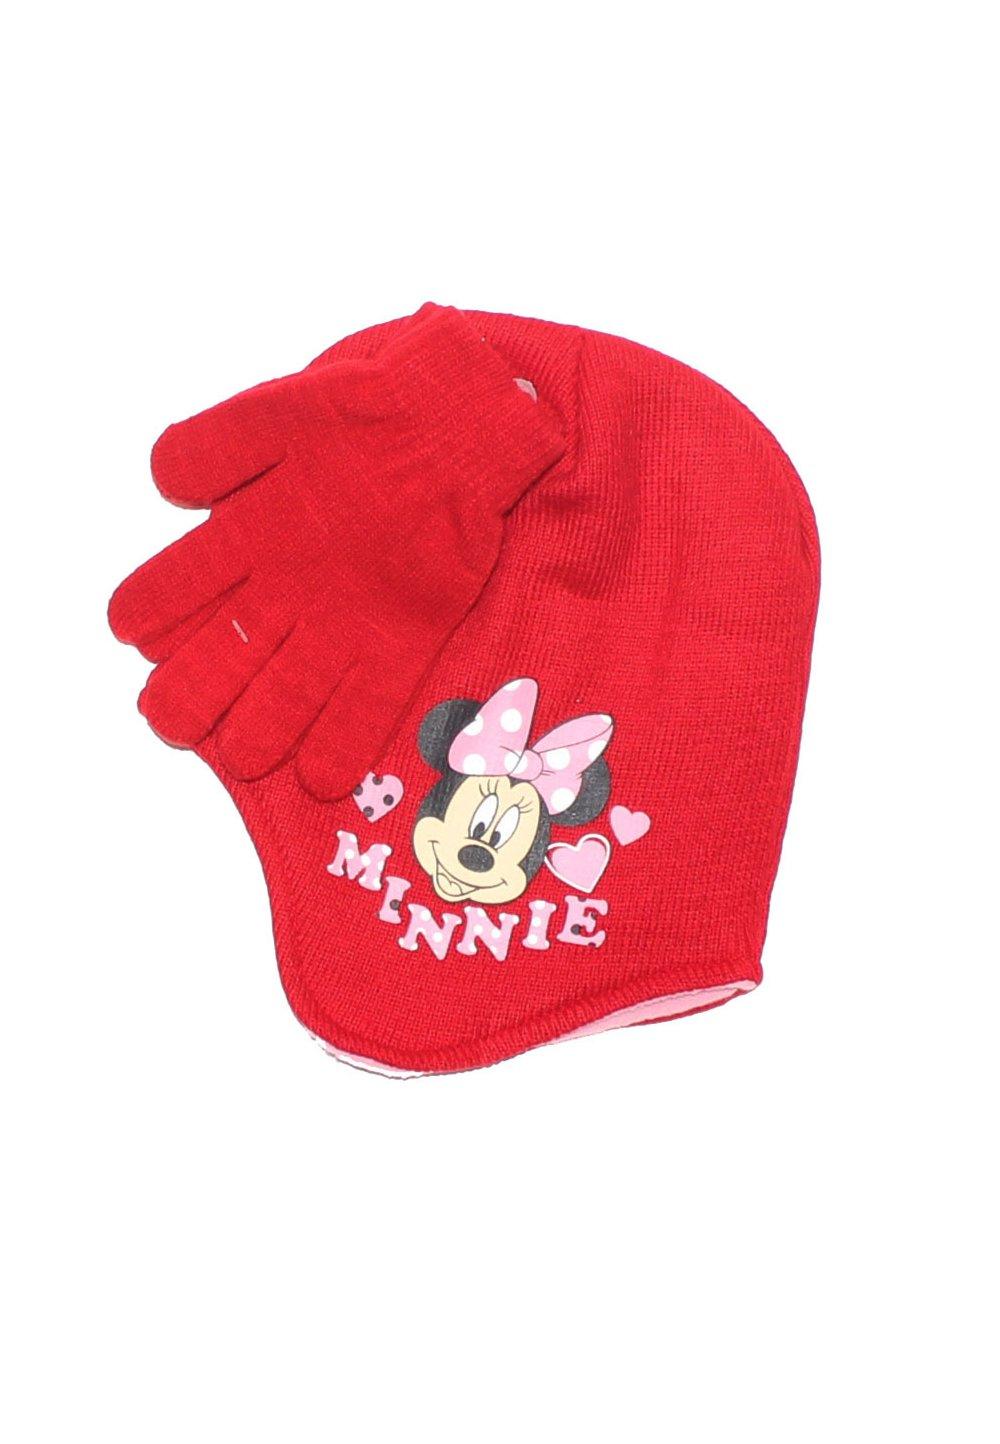 Caciula si manusi, Minnie Mouse, rosii imagine